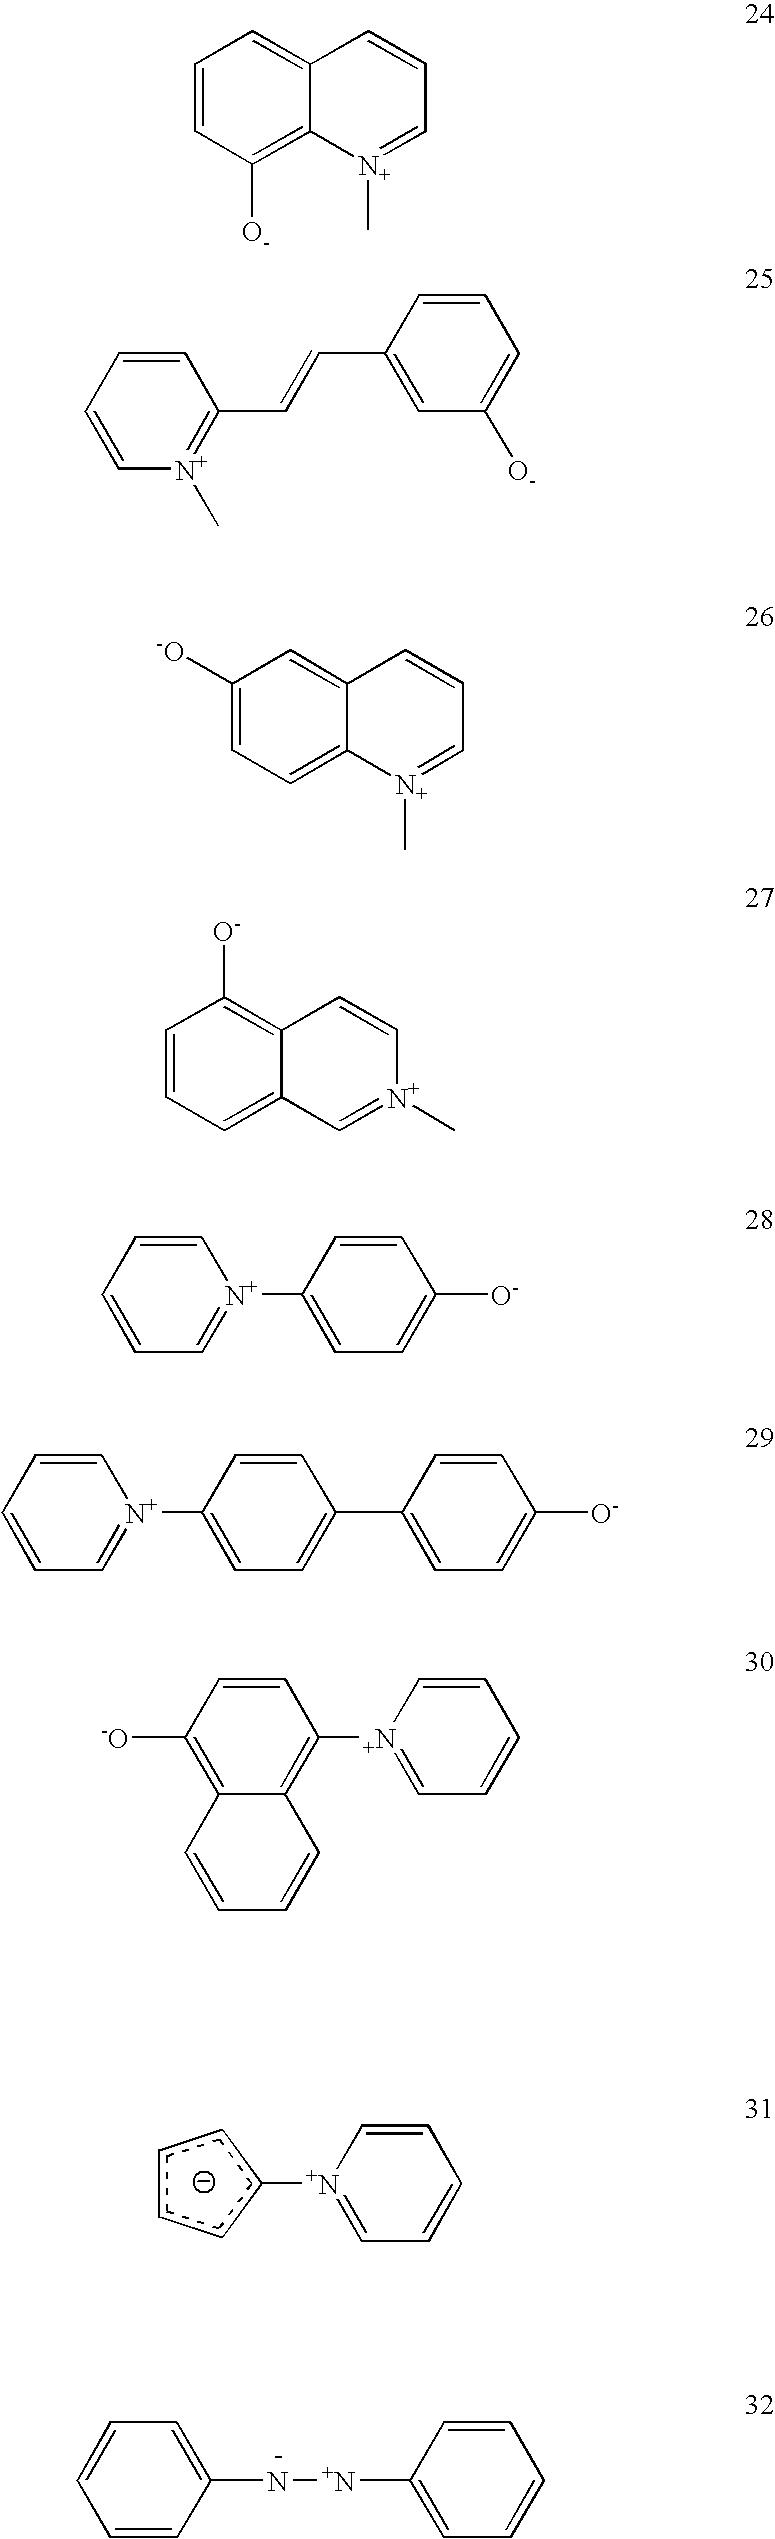 Figure US07829181-20101109-C00011